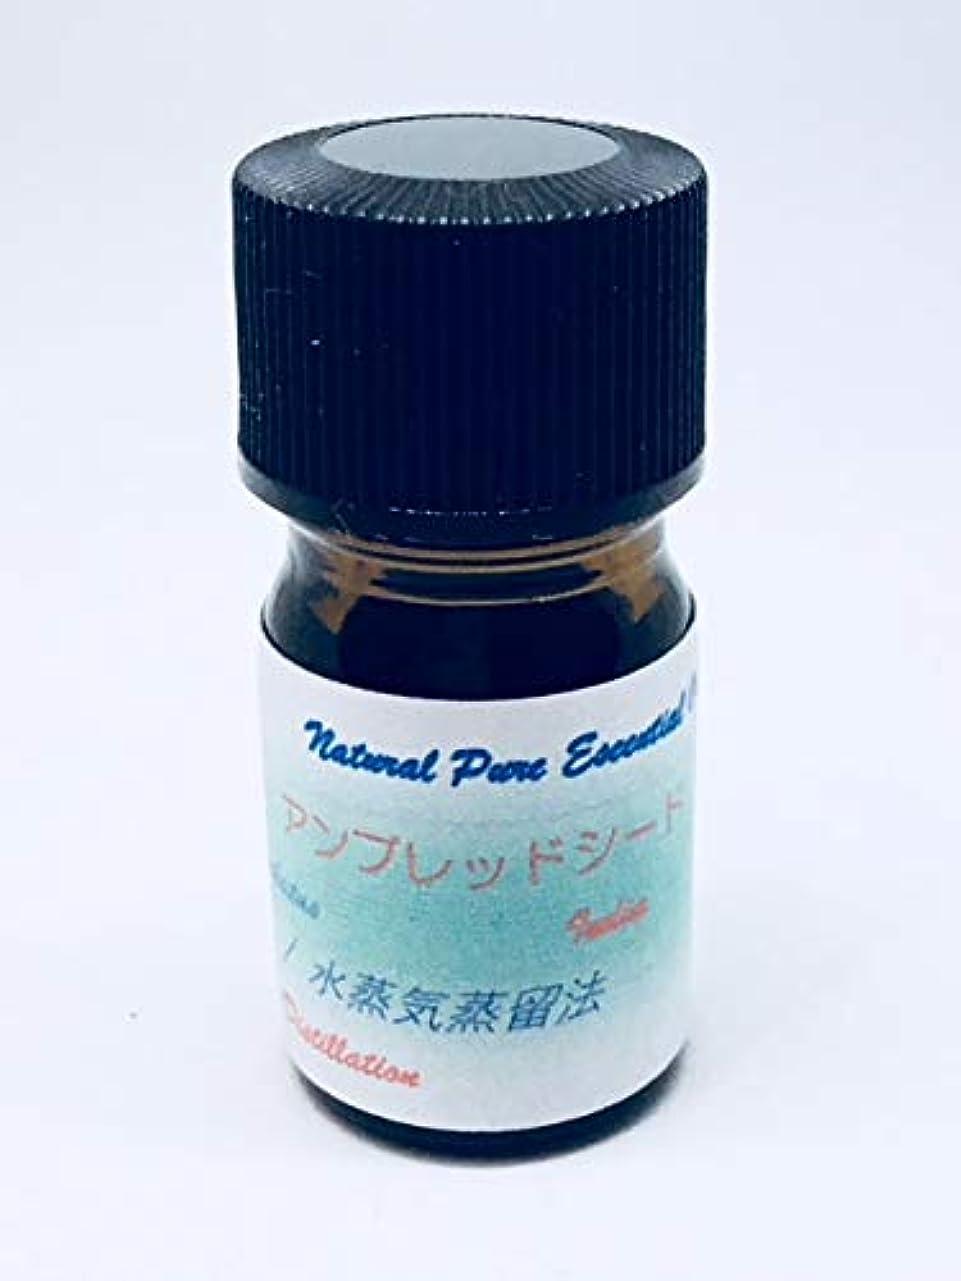 ビスケット一定反逆アンブレッドシード(植物性ムスク)精油 3ml100%ピュアエッセンシャル